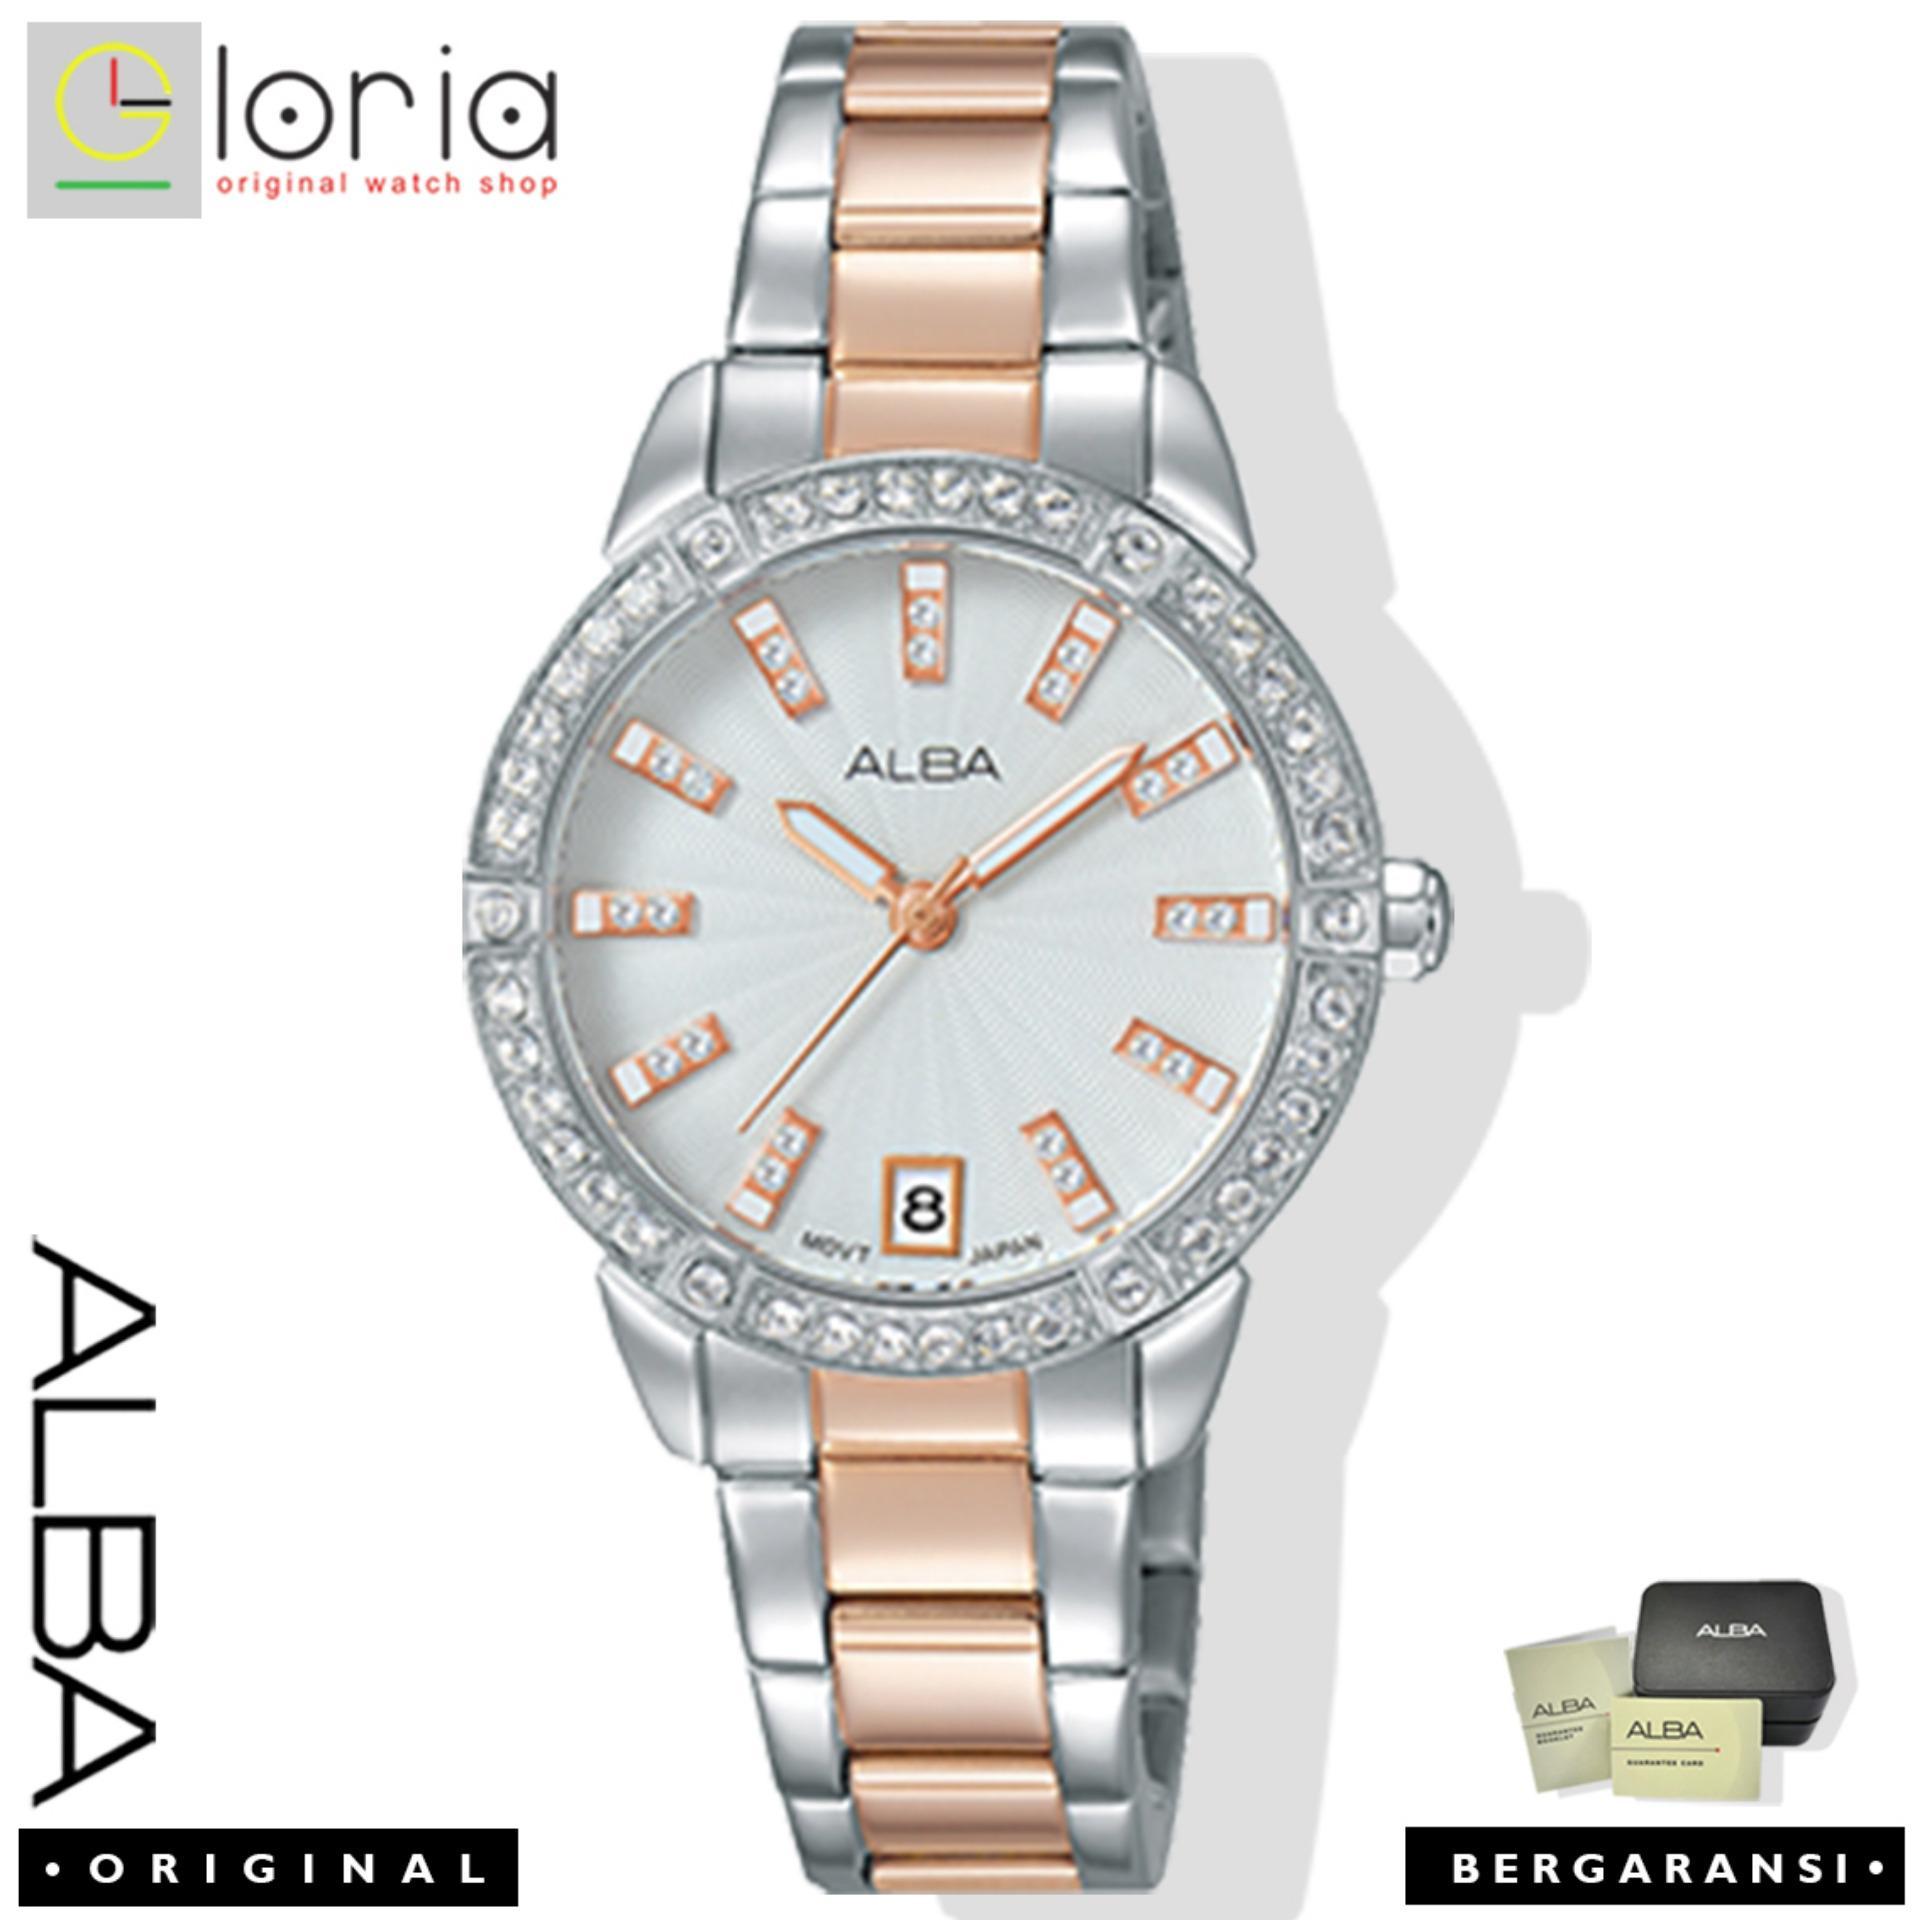 Alba Fashion Jam Tangan Wanita - Tali Stainless Steel - Silver RoseGold - AG8H03X1 | Lazada